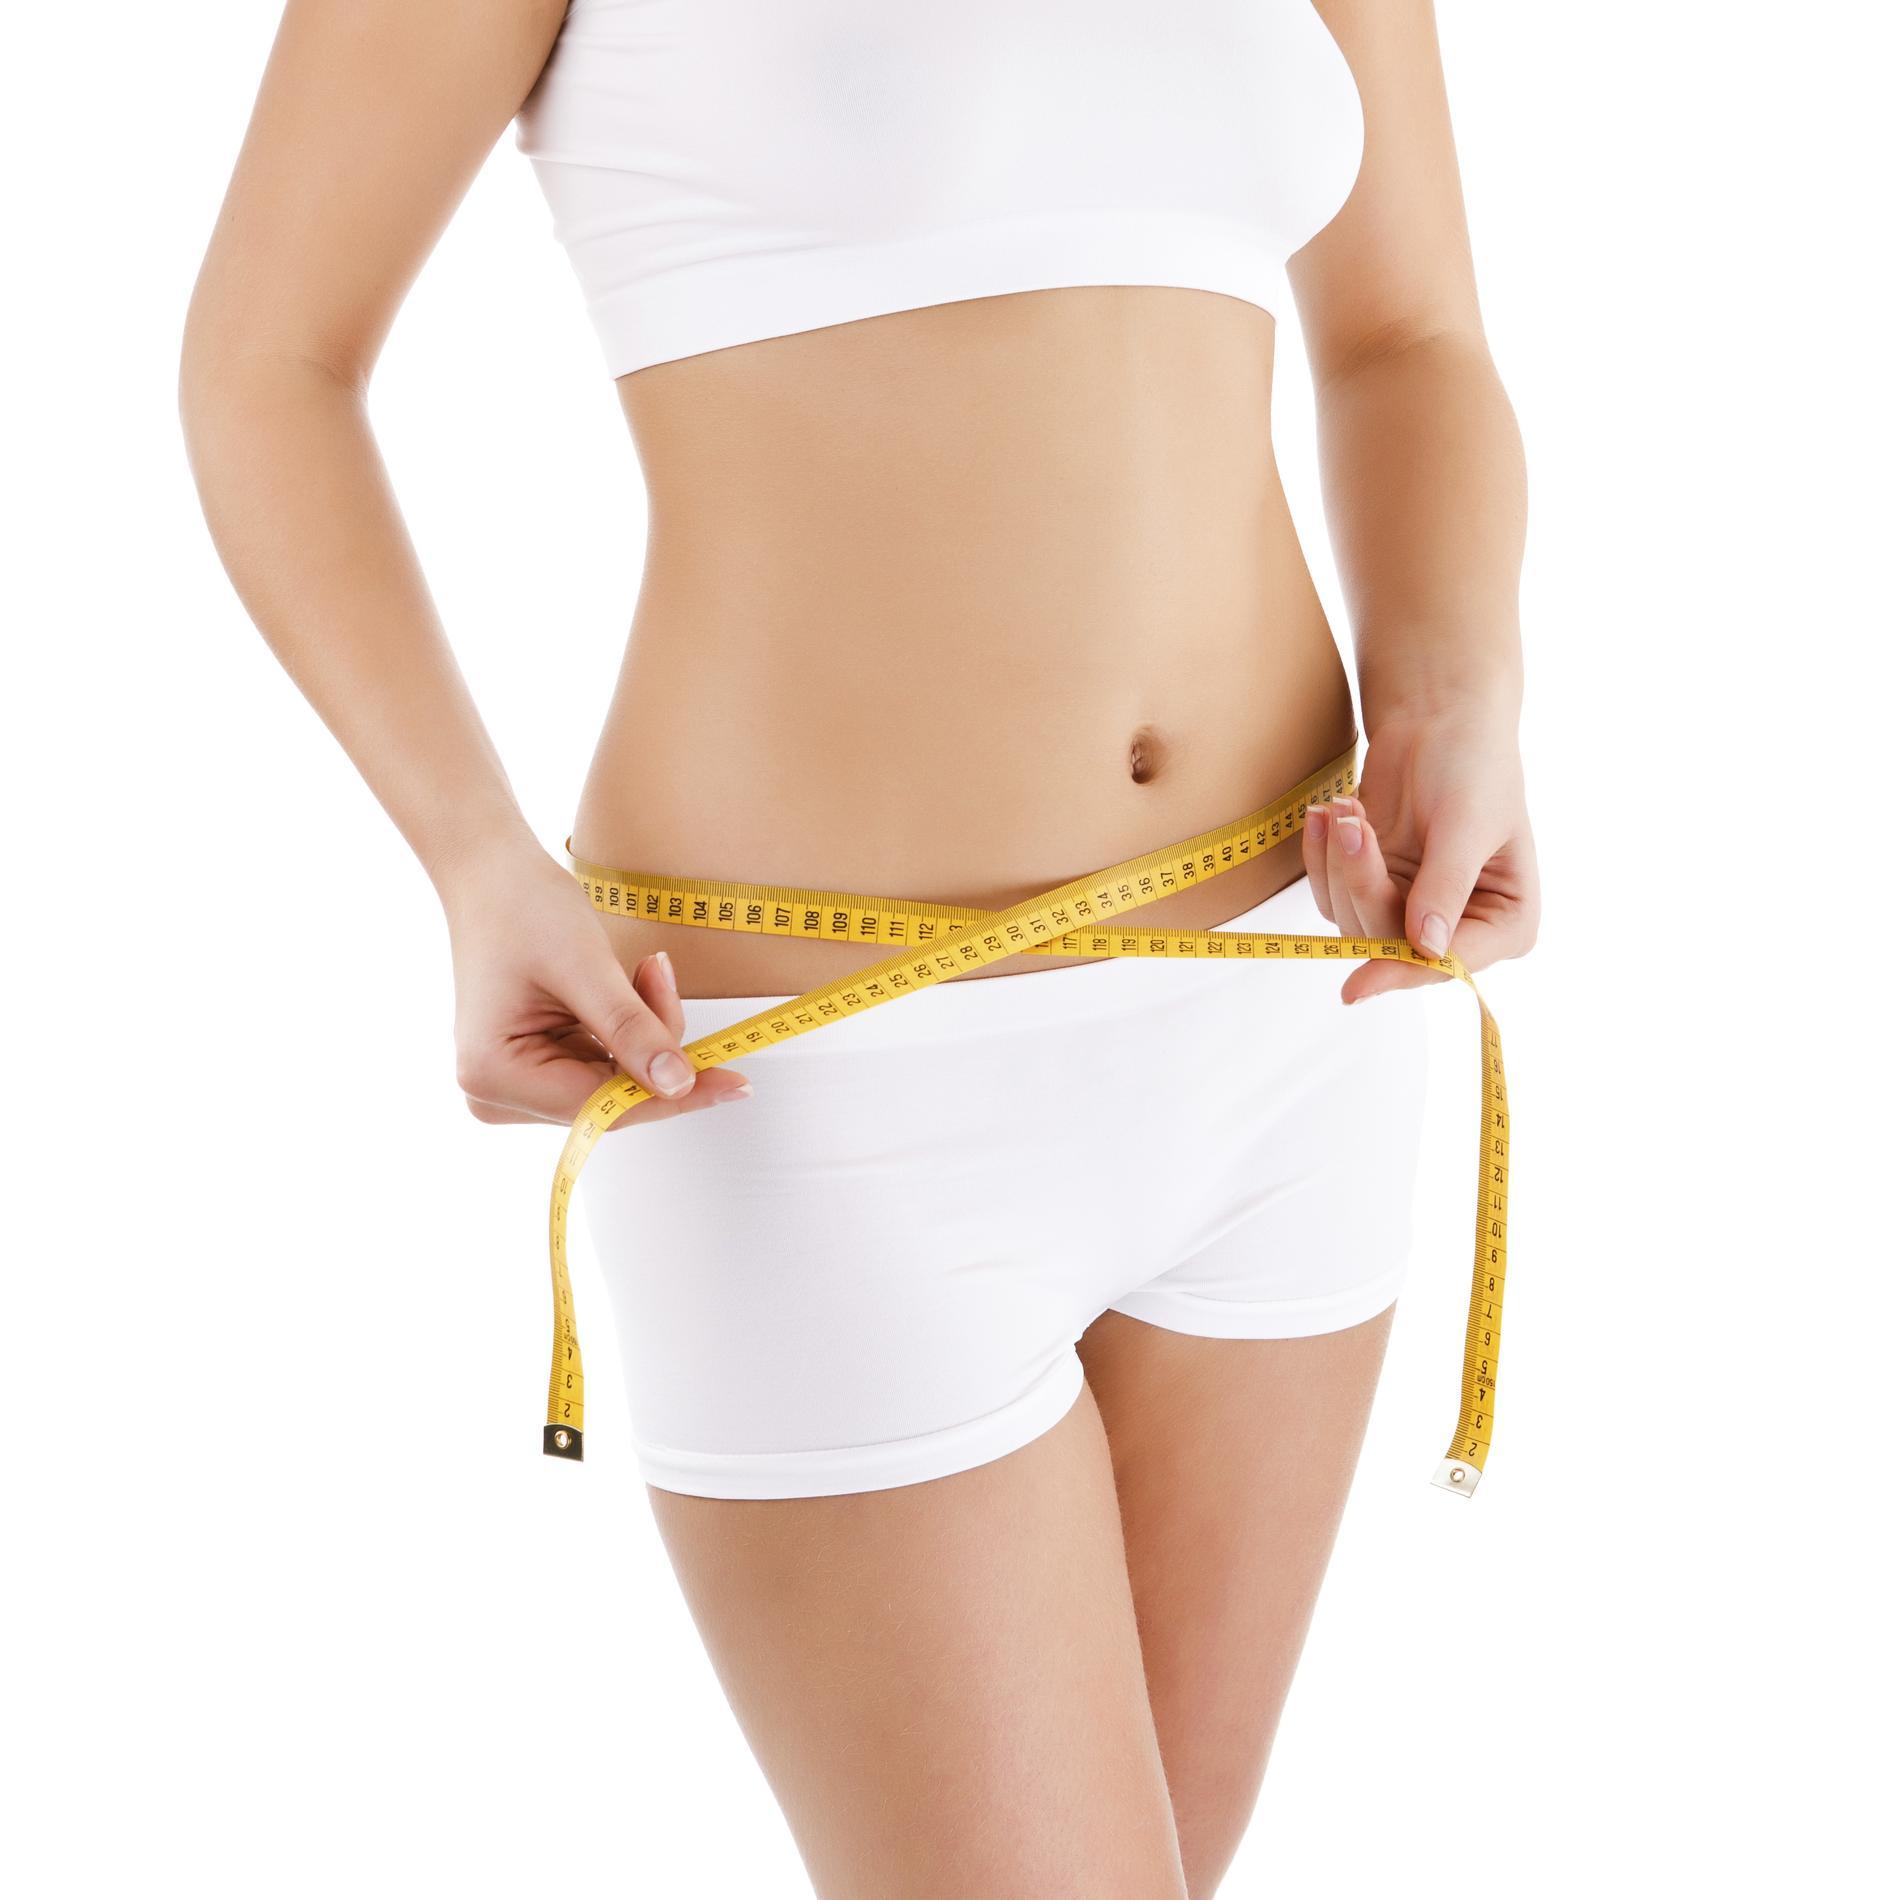 Mirena et poids par Catherine Robitaille | Question santé PasseportSante